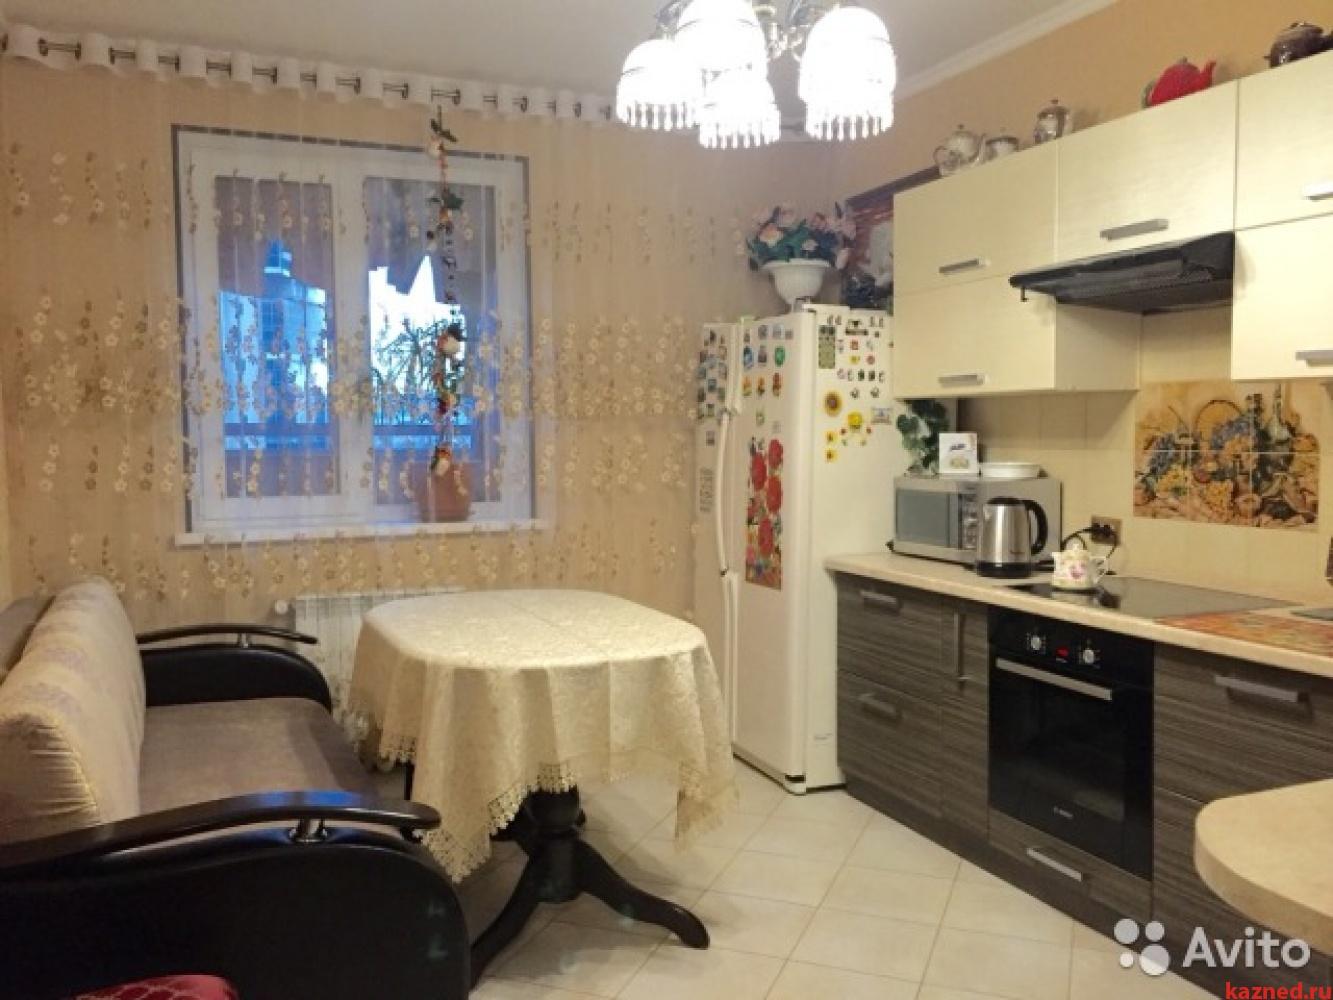 Продажа 1-к квартиры проспект победы 46, 49 м2  (миниатюра №7)